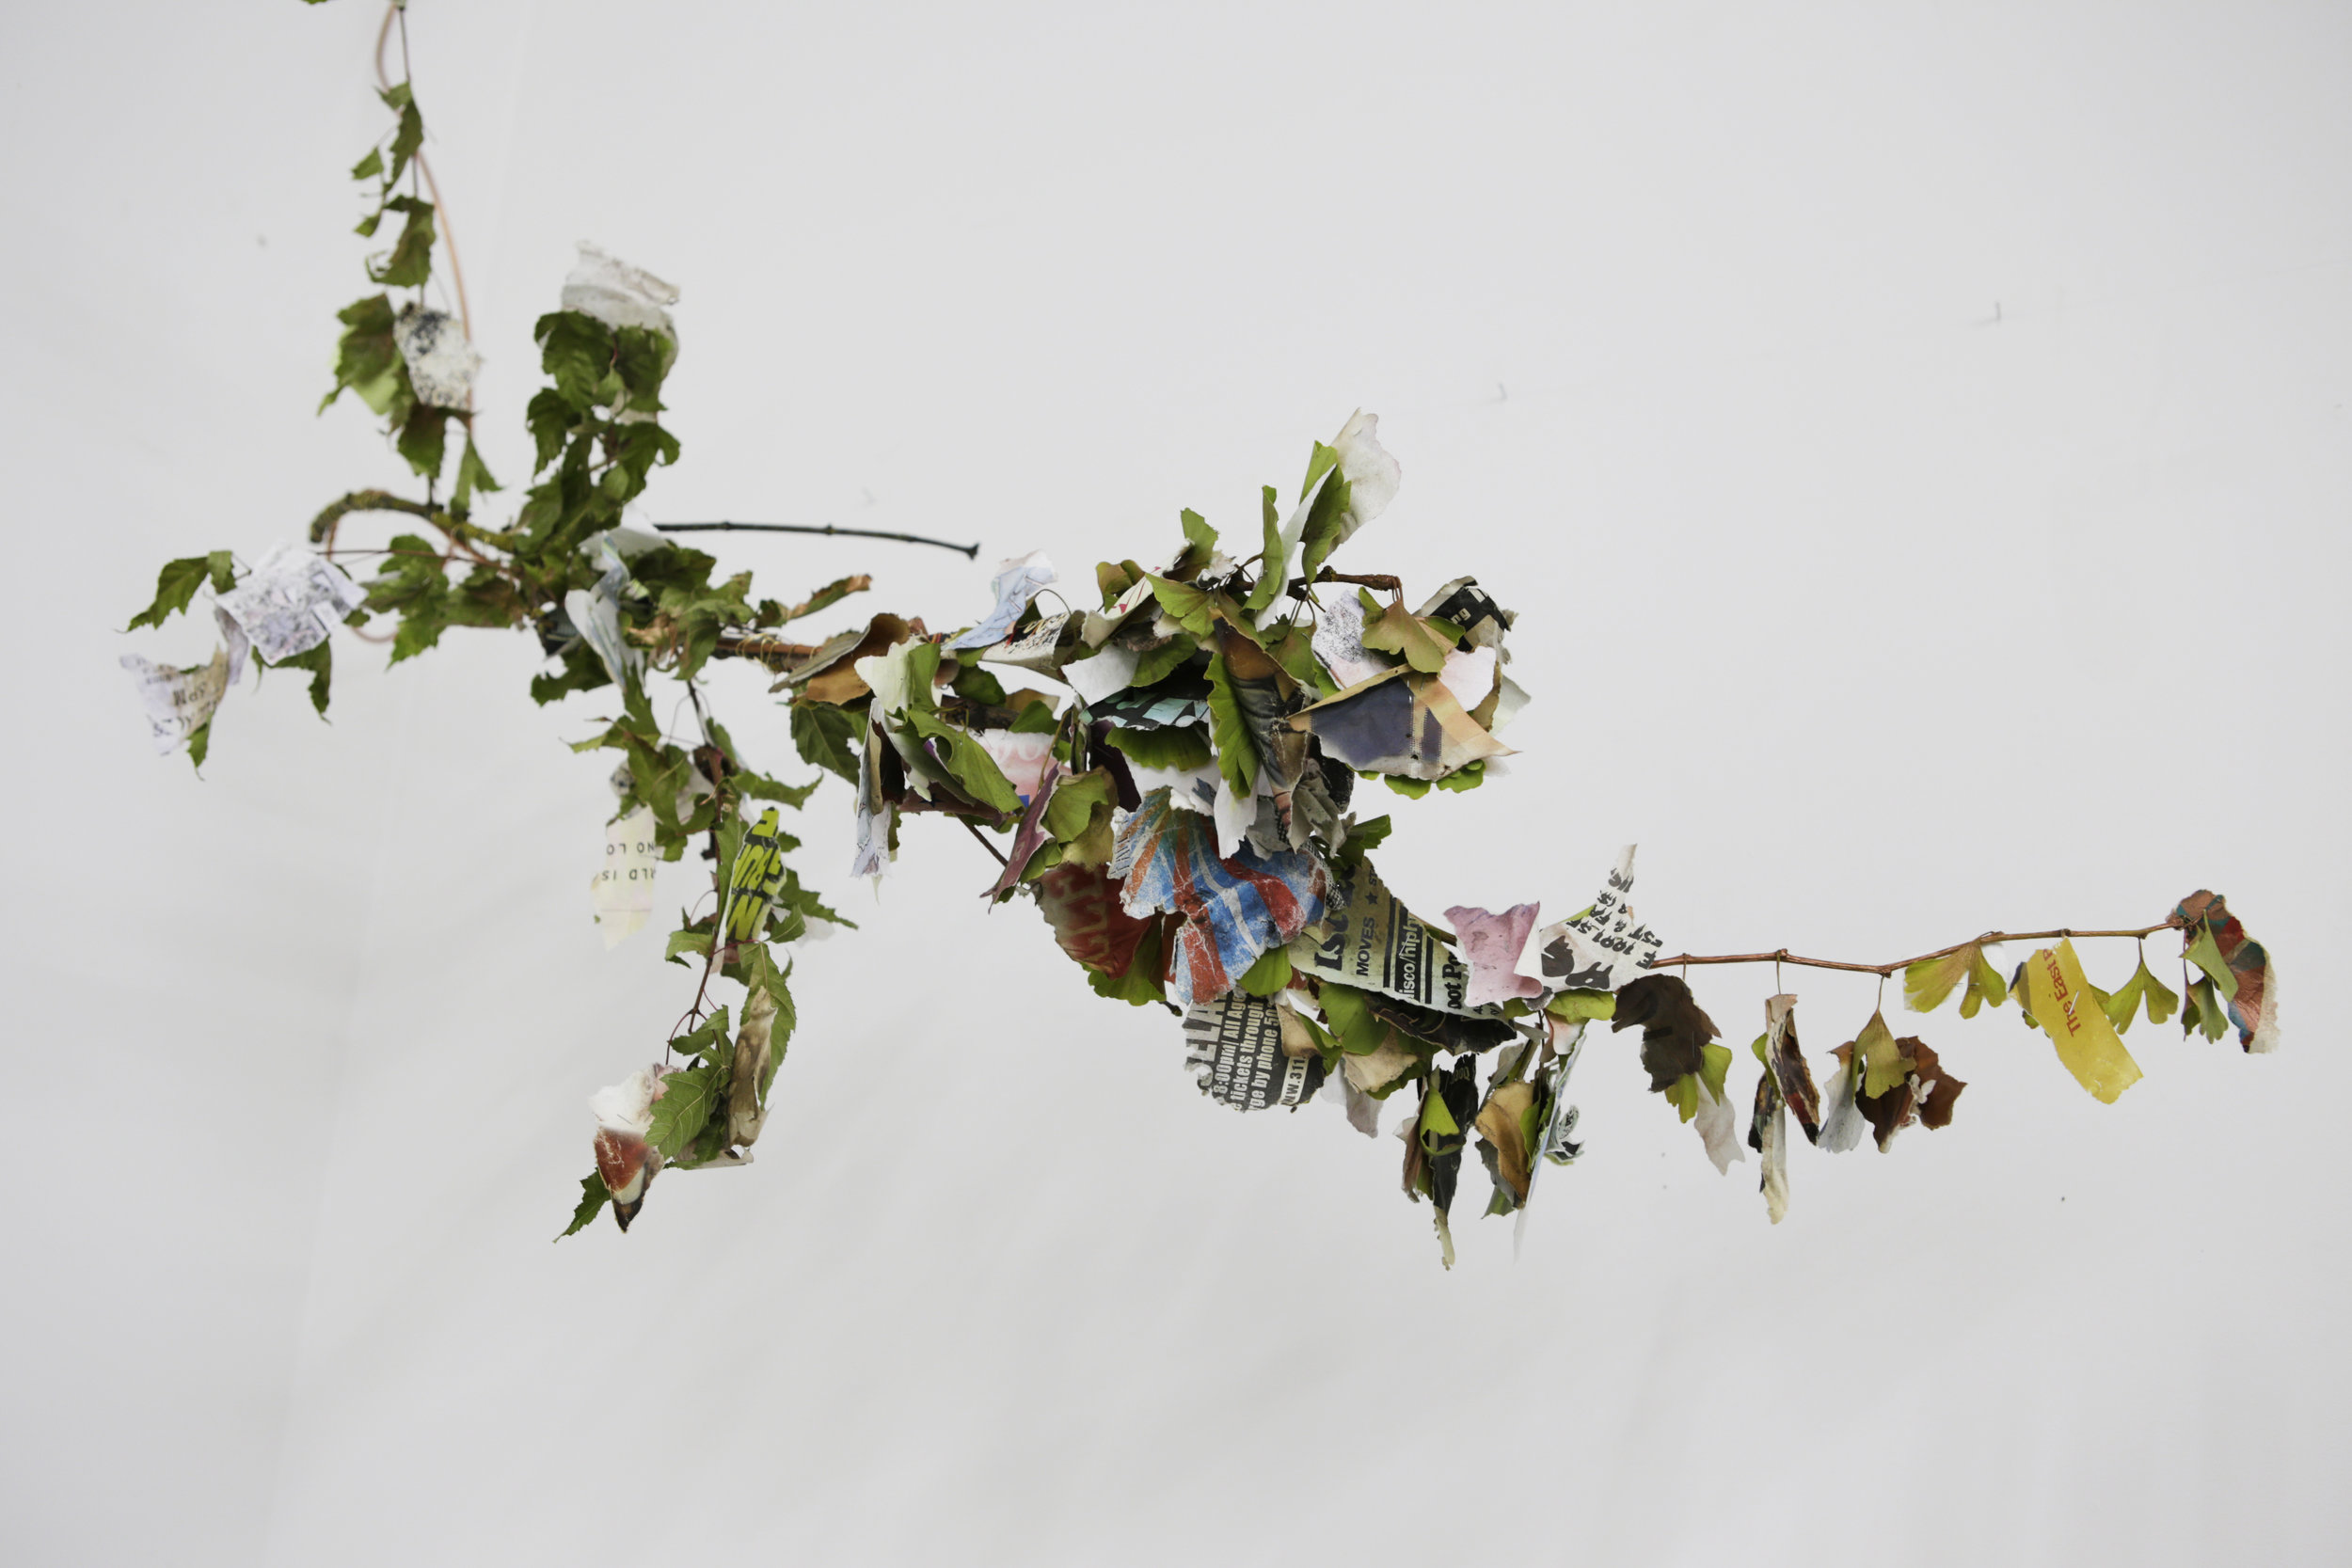 Shredded Poster Tree by Hanae Utamura.jpg